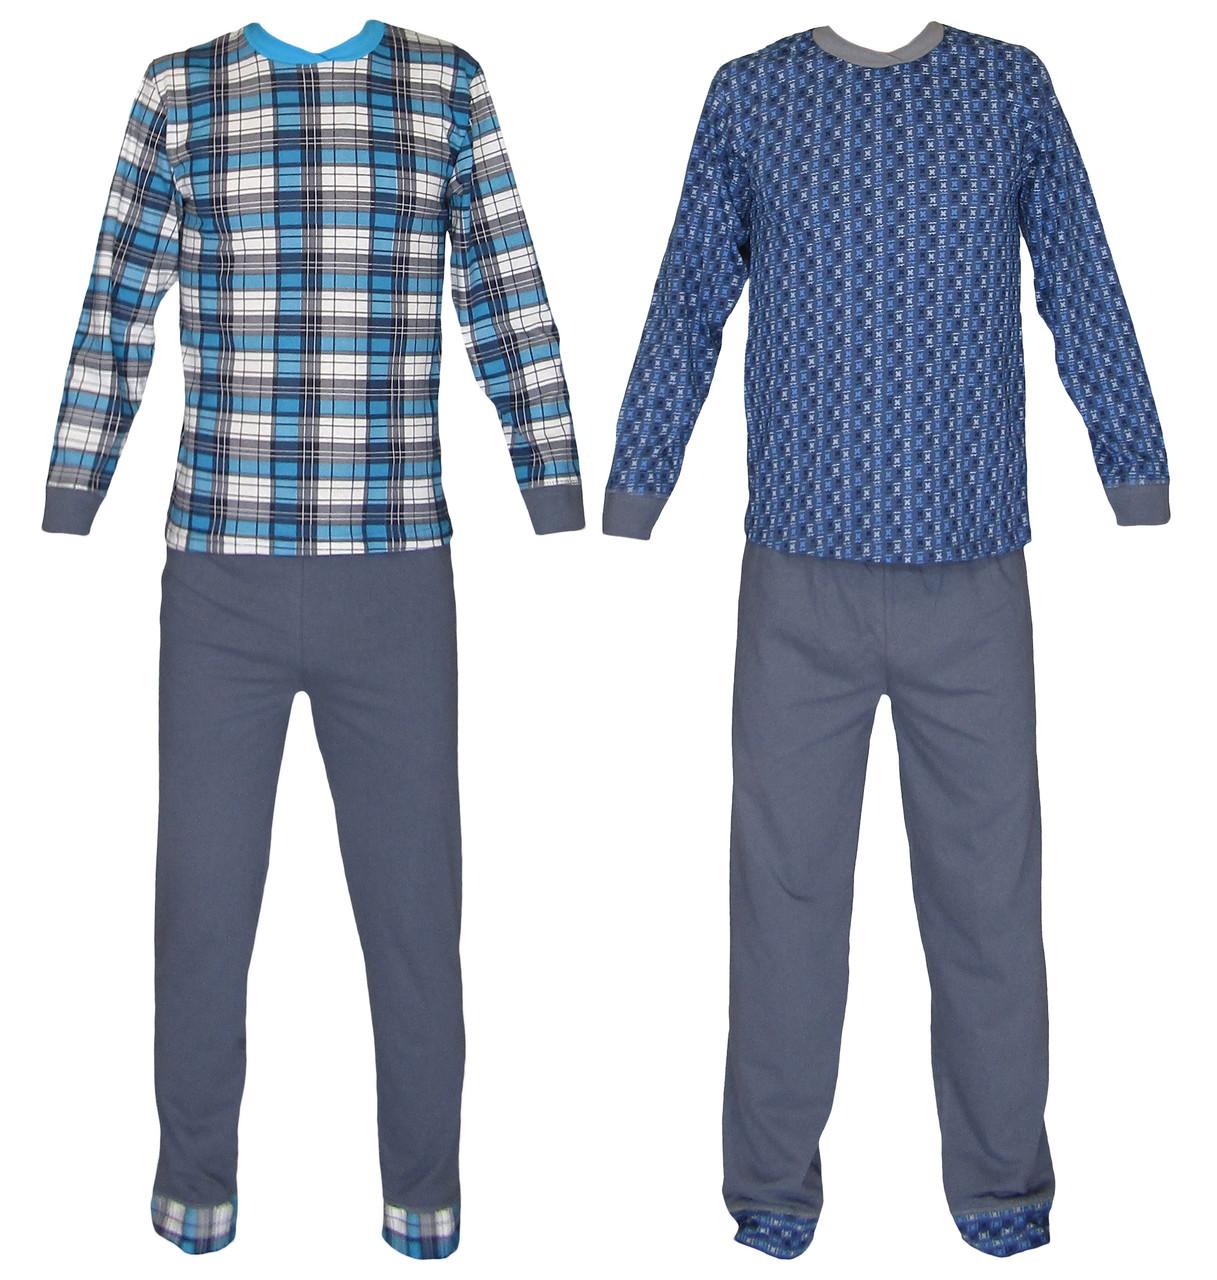 Пижама подростковая трикотажная для мальчика 03214, хлопок, р.р.40-42